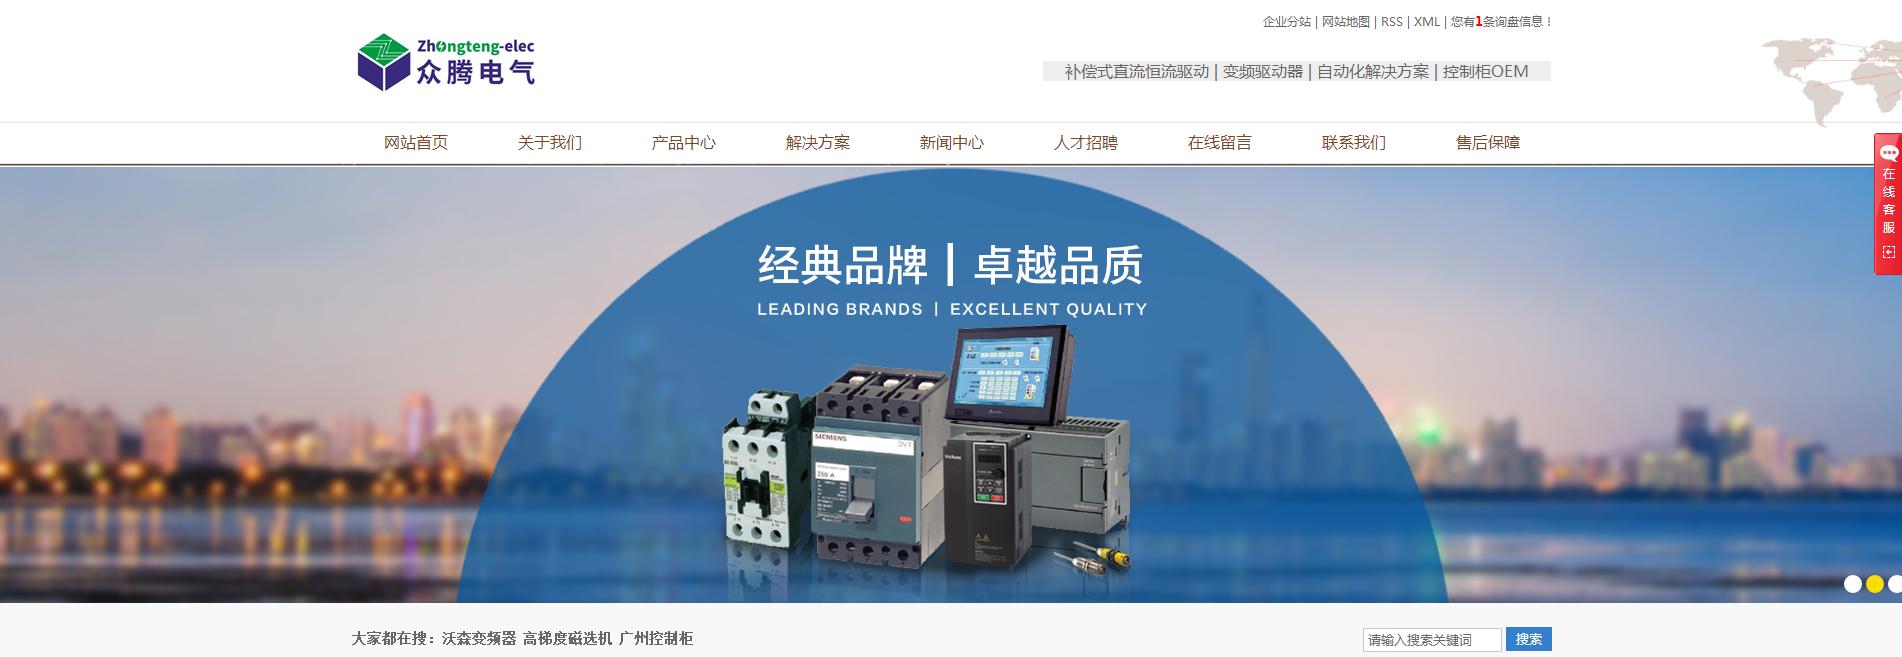 广州市众腾电气有限公司